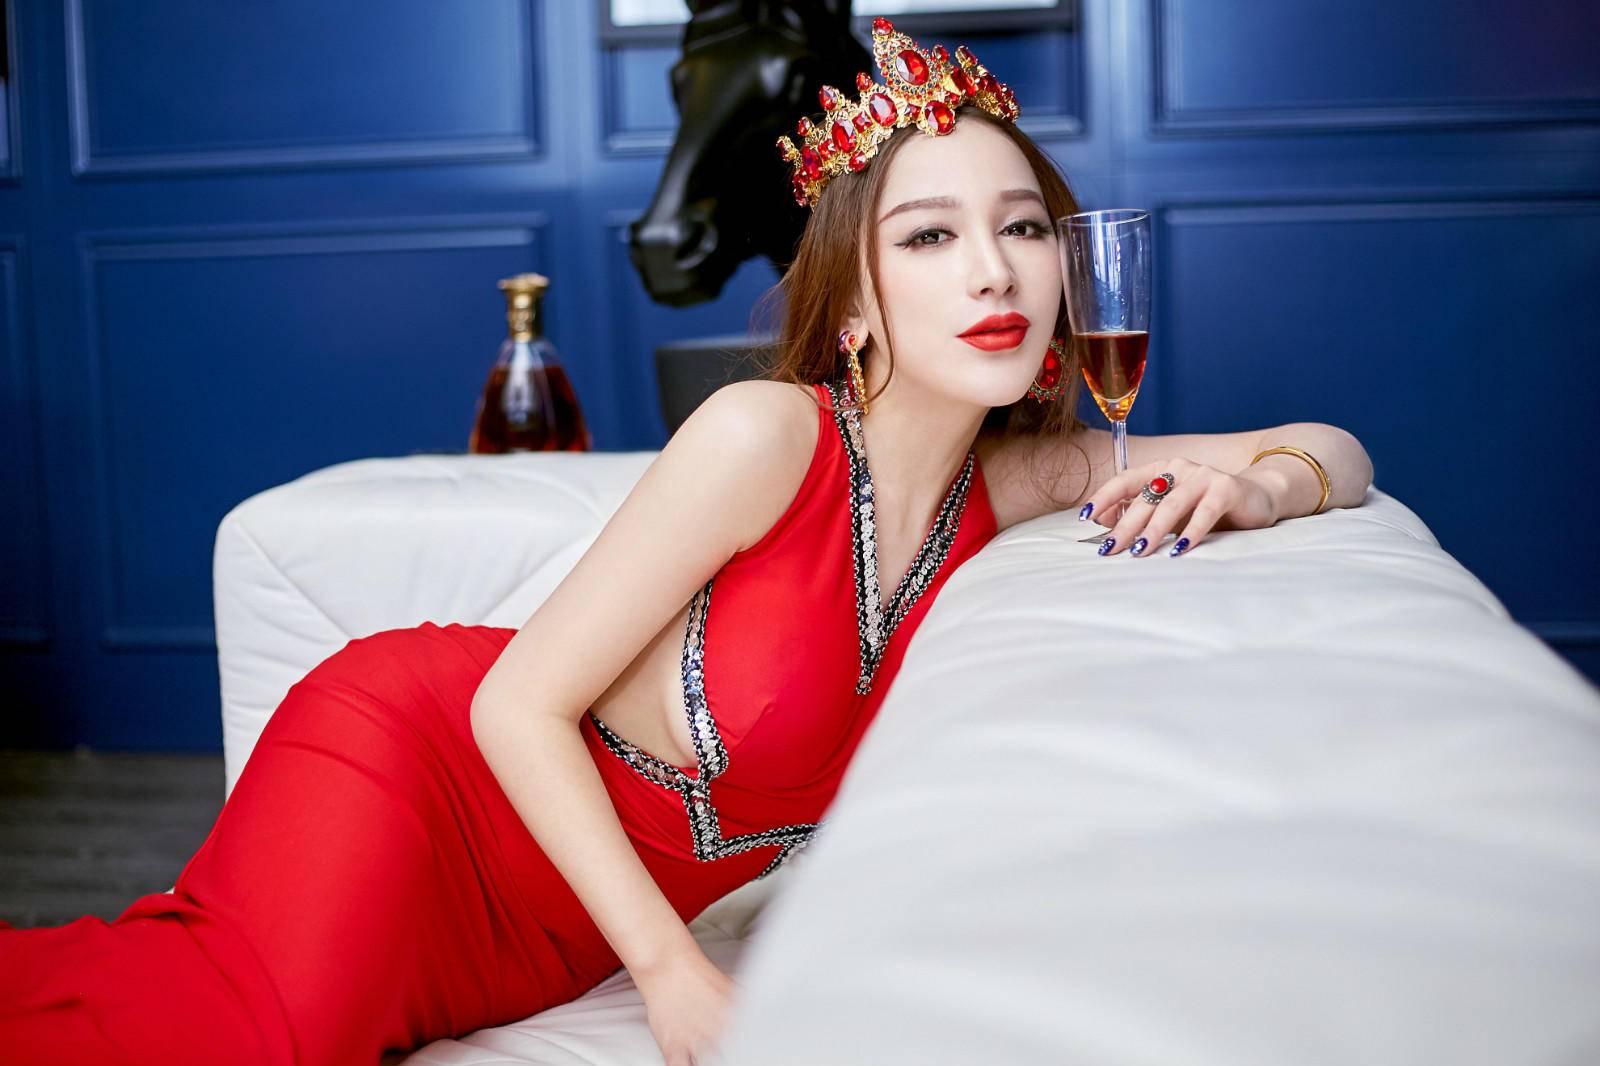 <b>她被称为宅男女神,颜值不输杨颖却不红,如今26岁很美却单身?</b>